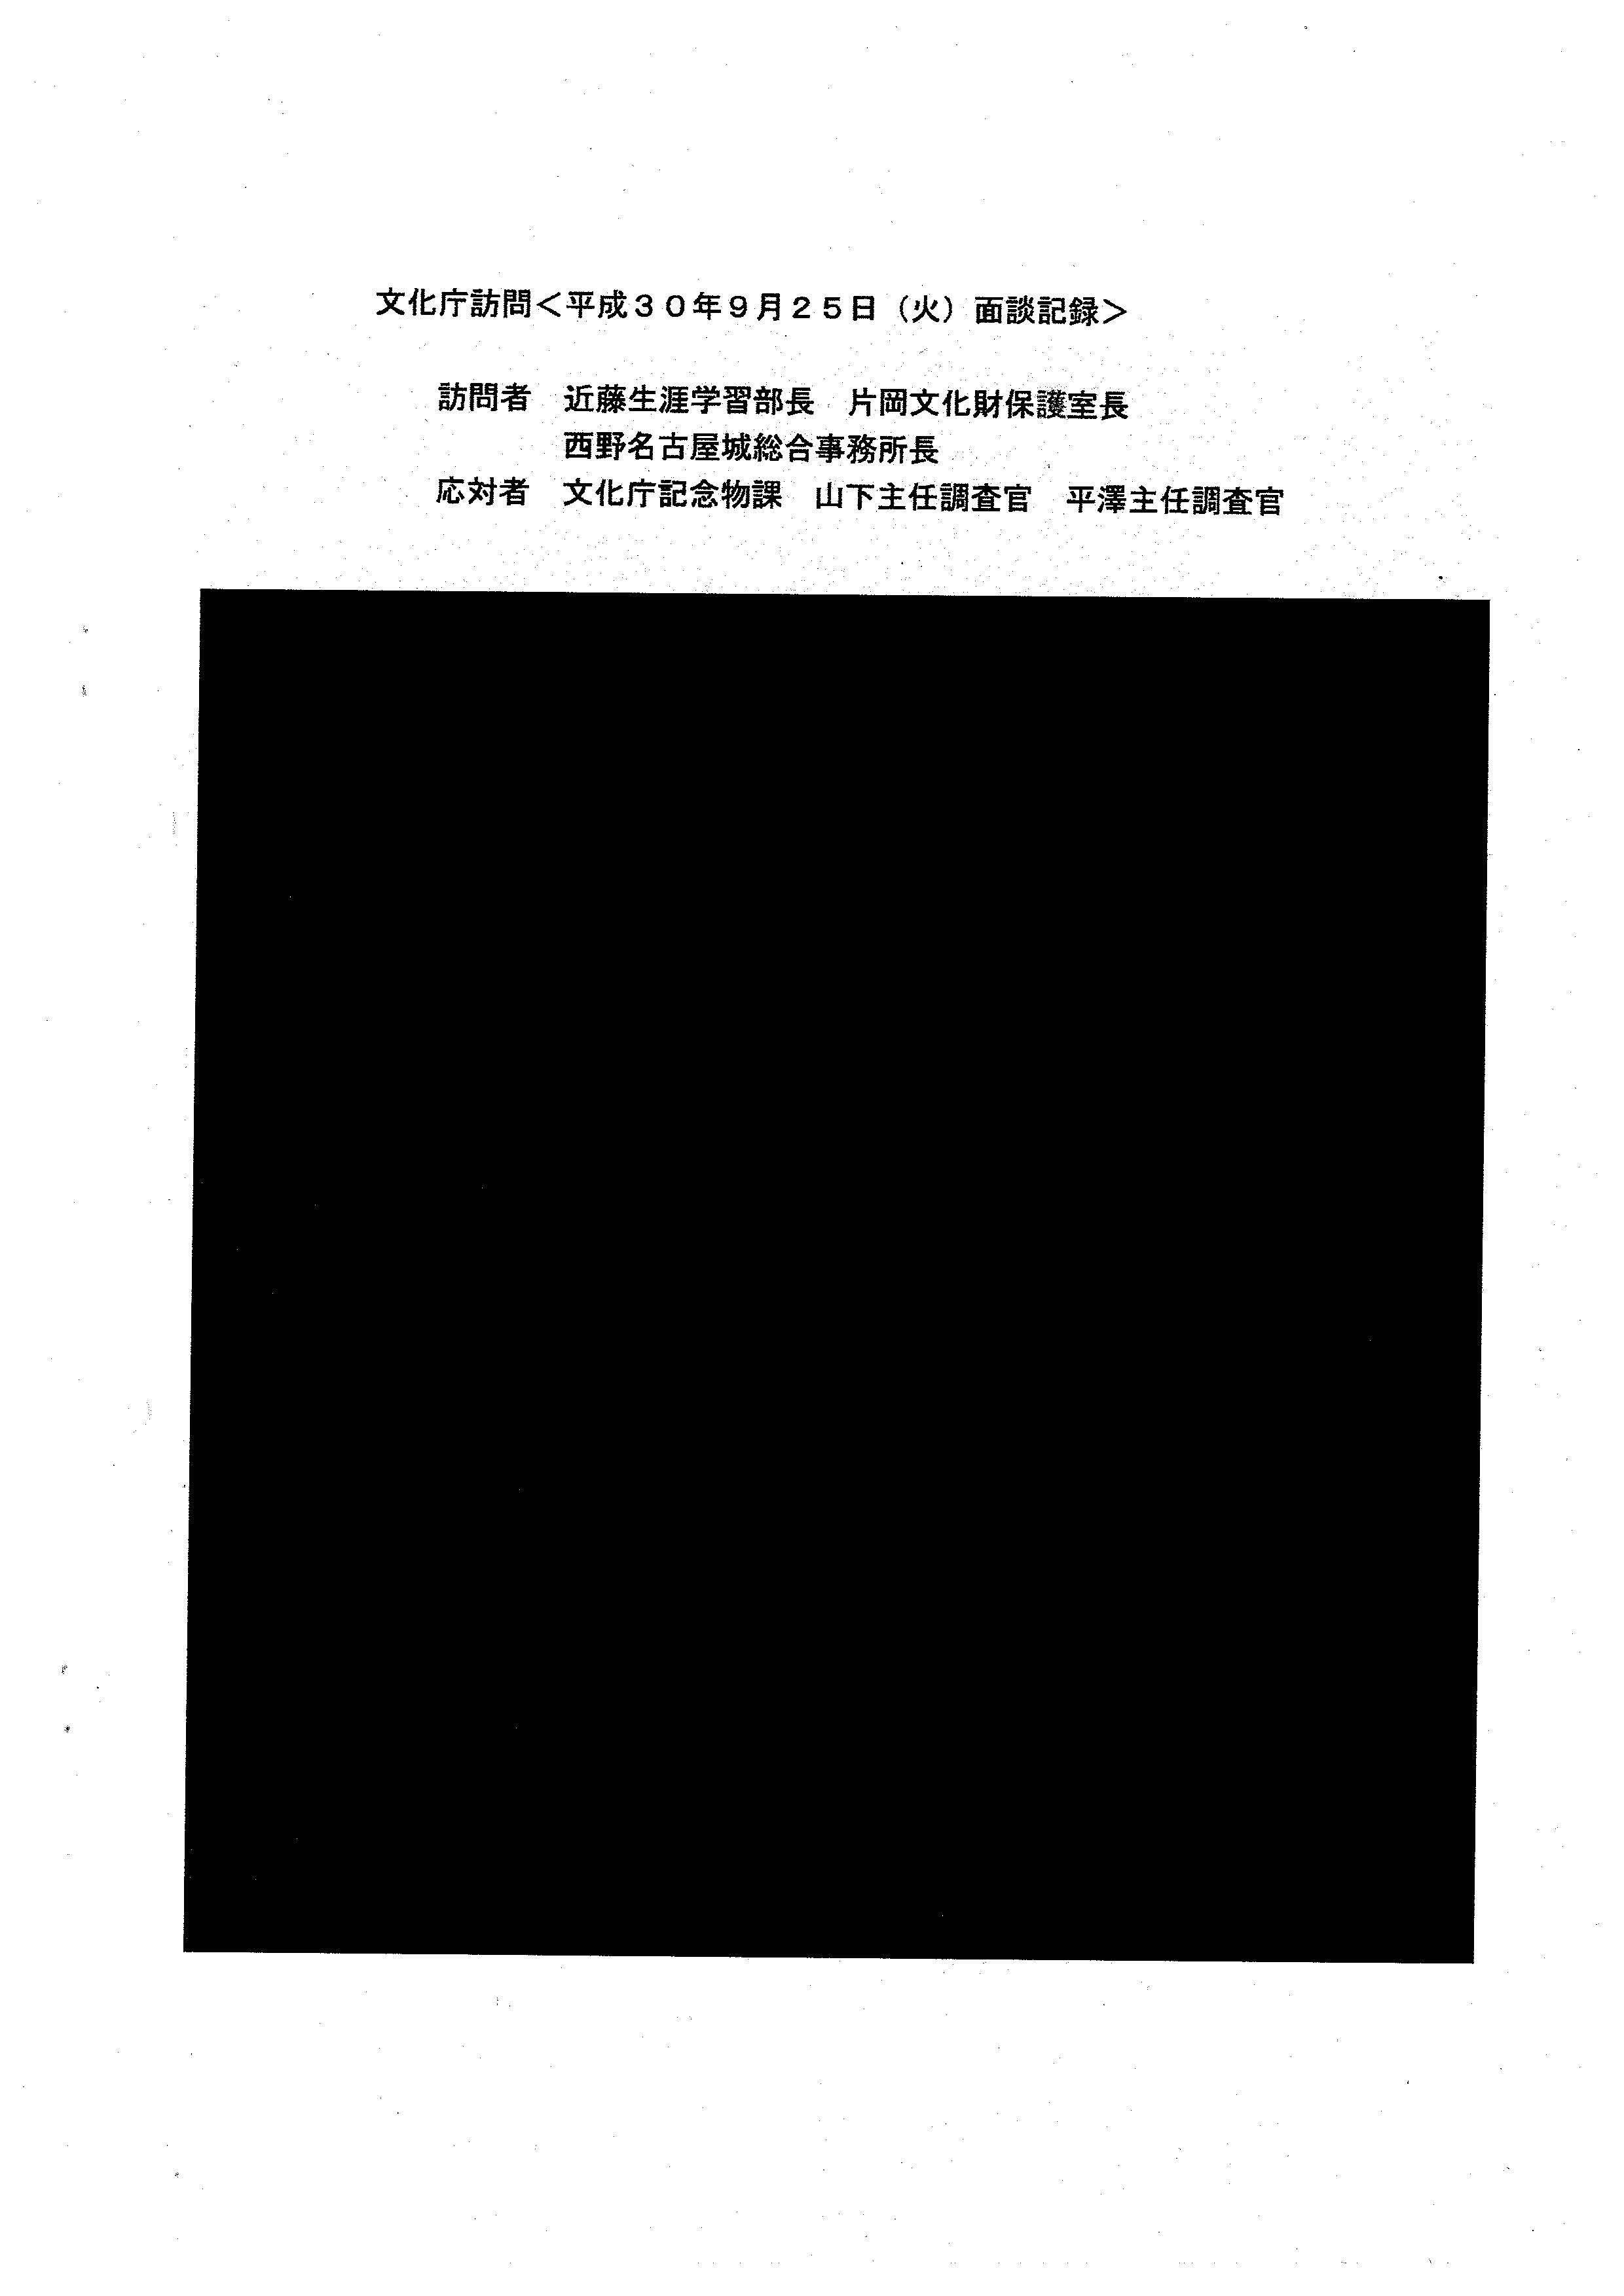 名古屋城木造化 名古屋市が文化庁訪問時の内容・資料全部非公開_d0011701_23135742.jpg